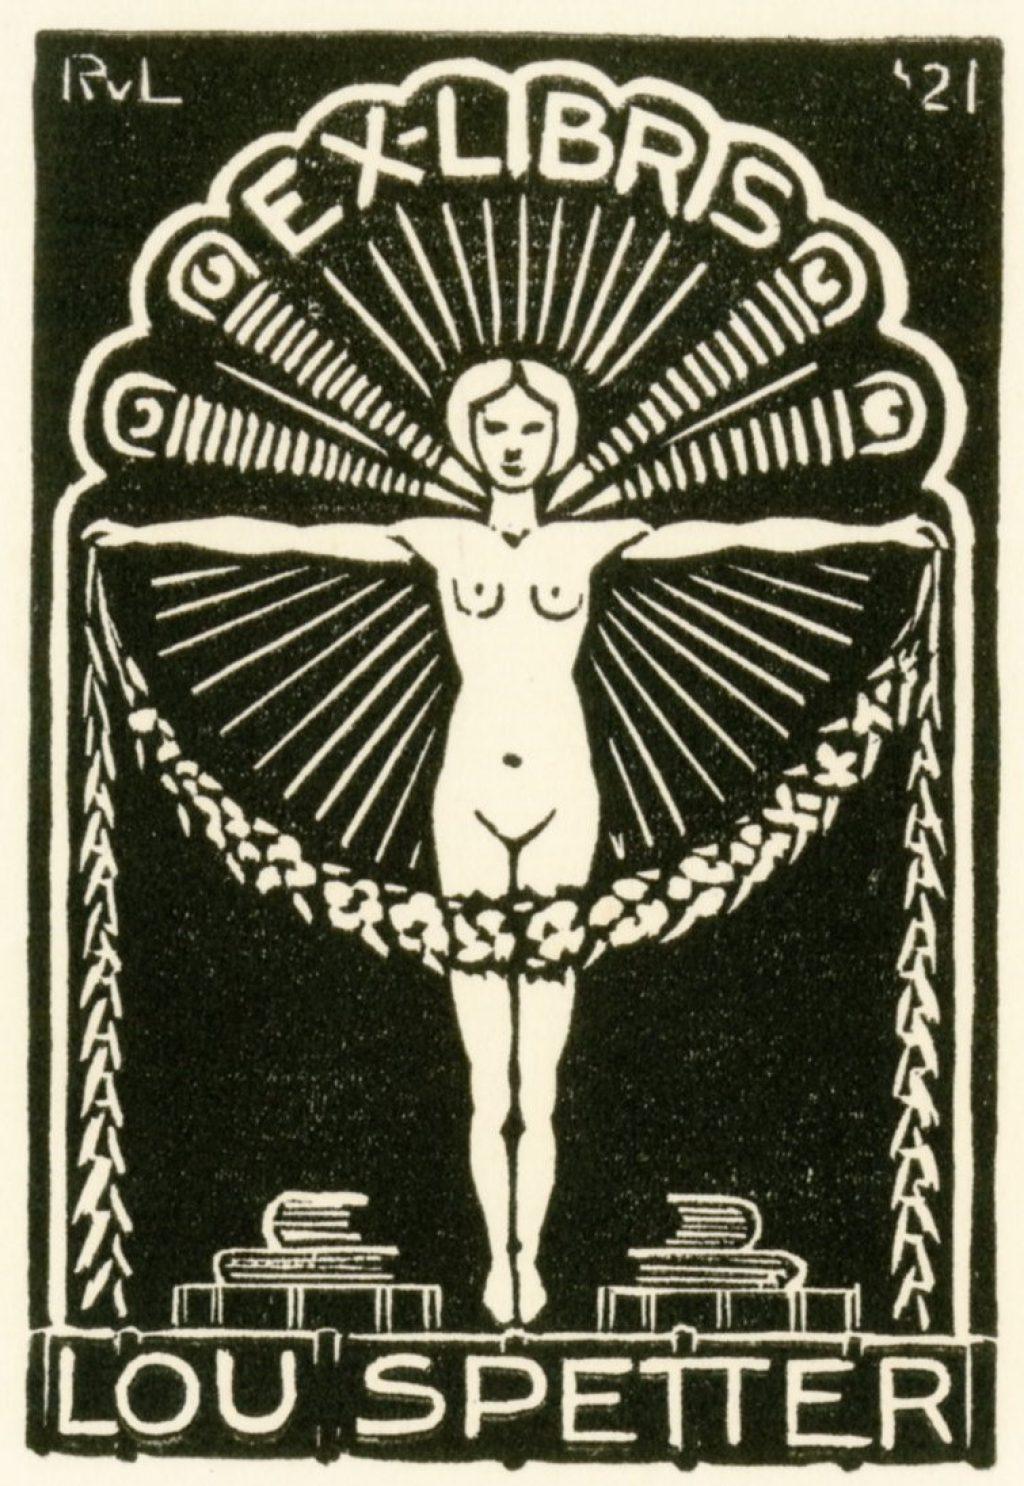 Ex Librissen: Voor Lou Spetter door Rijk van Lavieren, 1921 (TMS 139220);